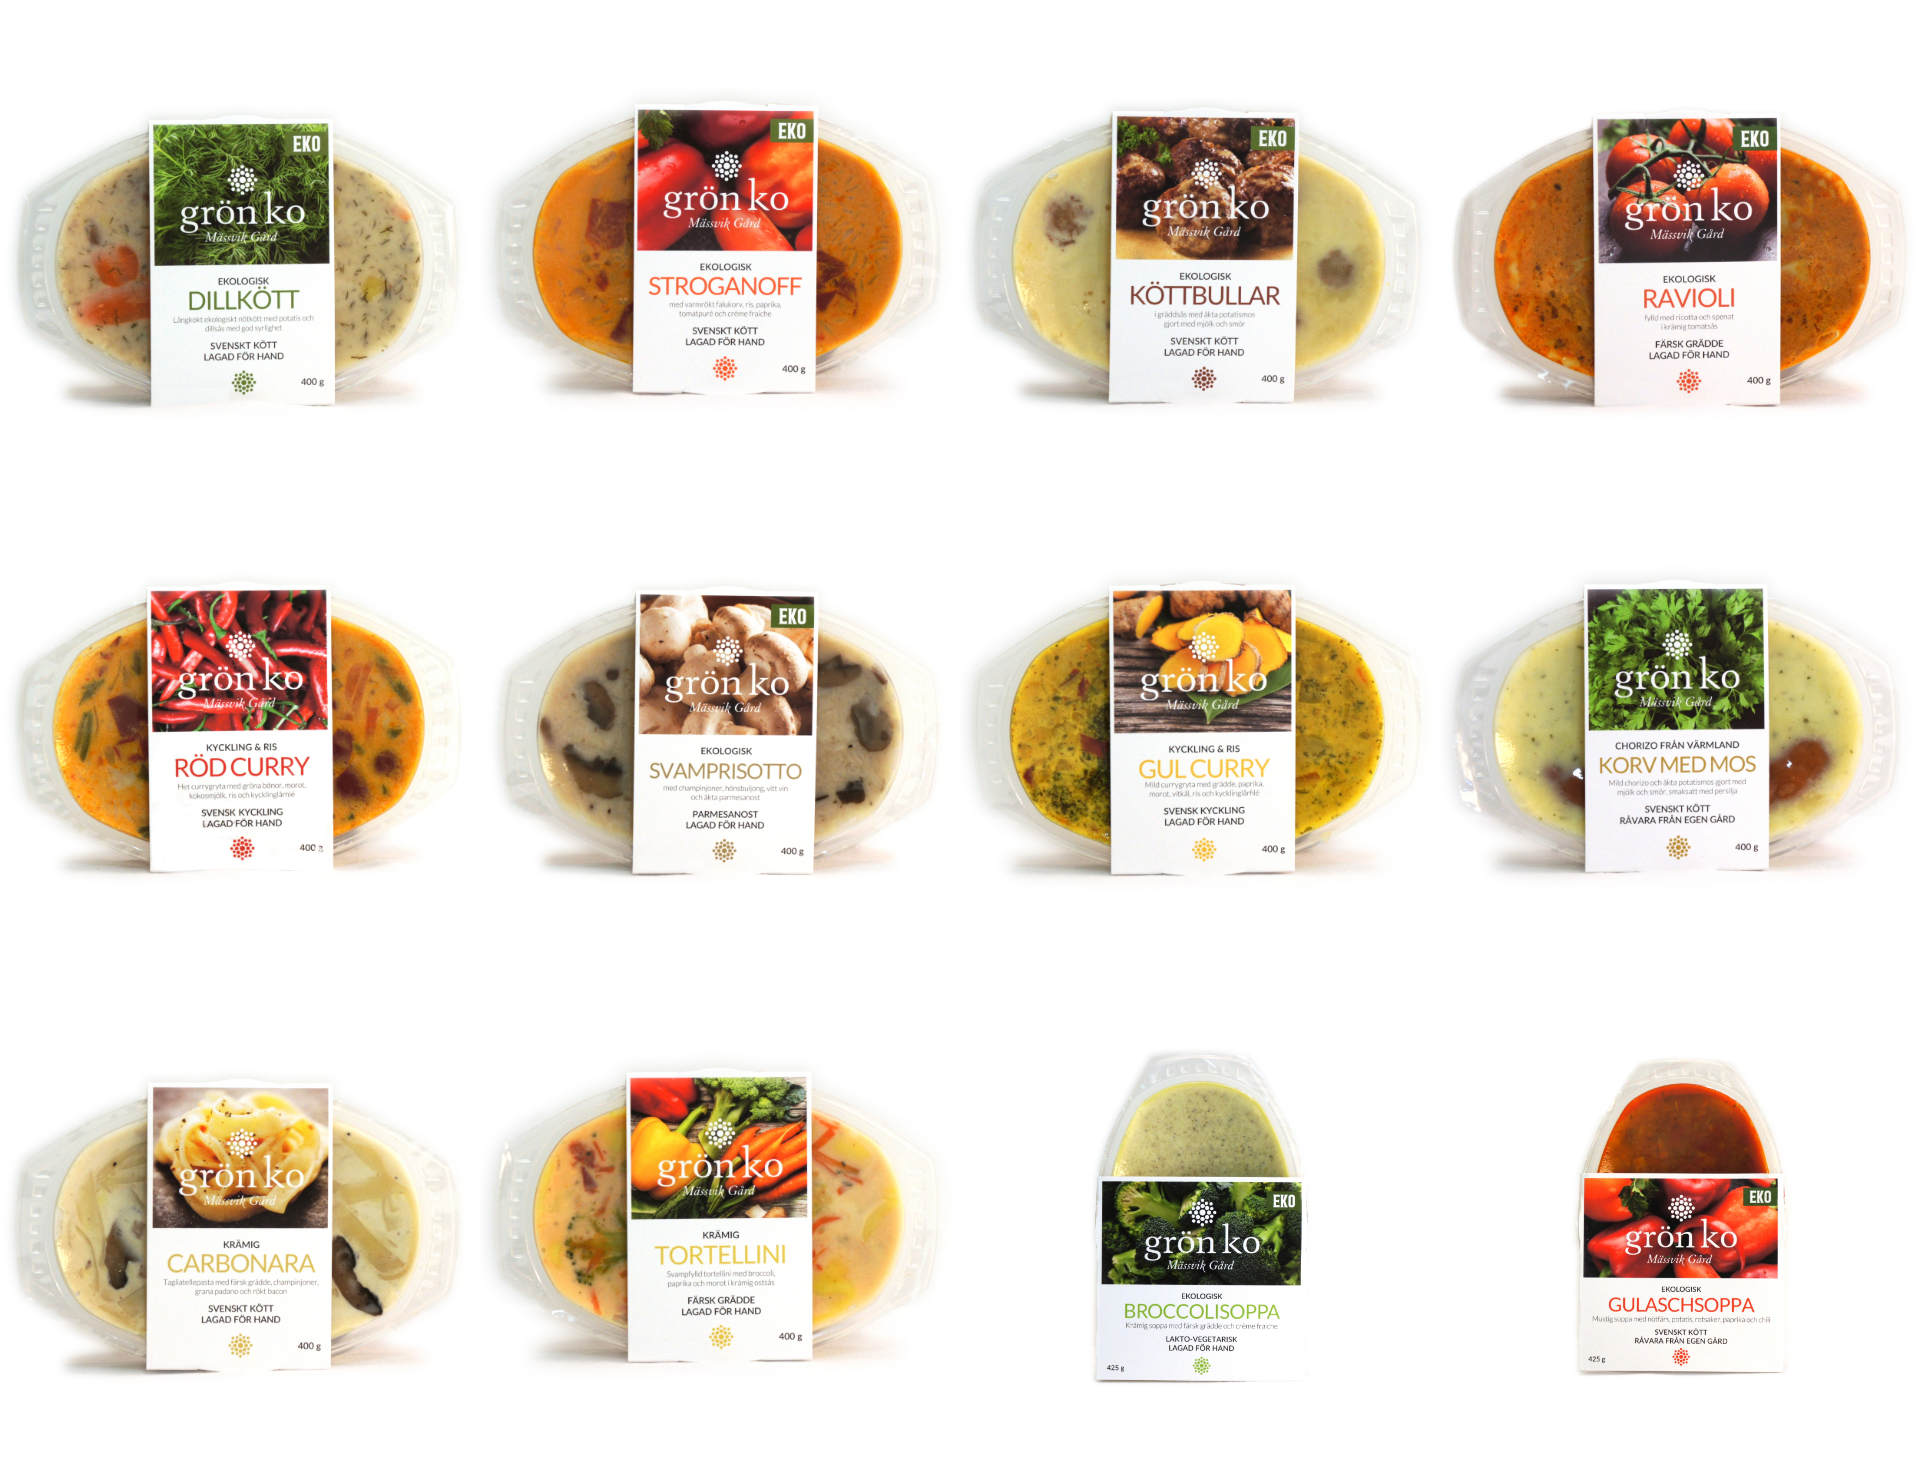 Din favorit? - Varje vecka levererar vi vår mixlåda som består av hela 28 stycken goda och smakrika måltider. Det kommer med andra ord alltid finns något gott som lockar eller varför inte prova på något nytt?